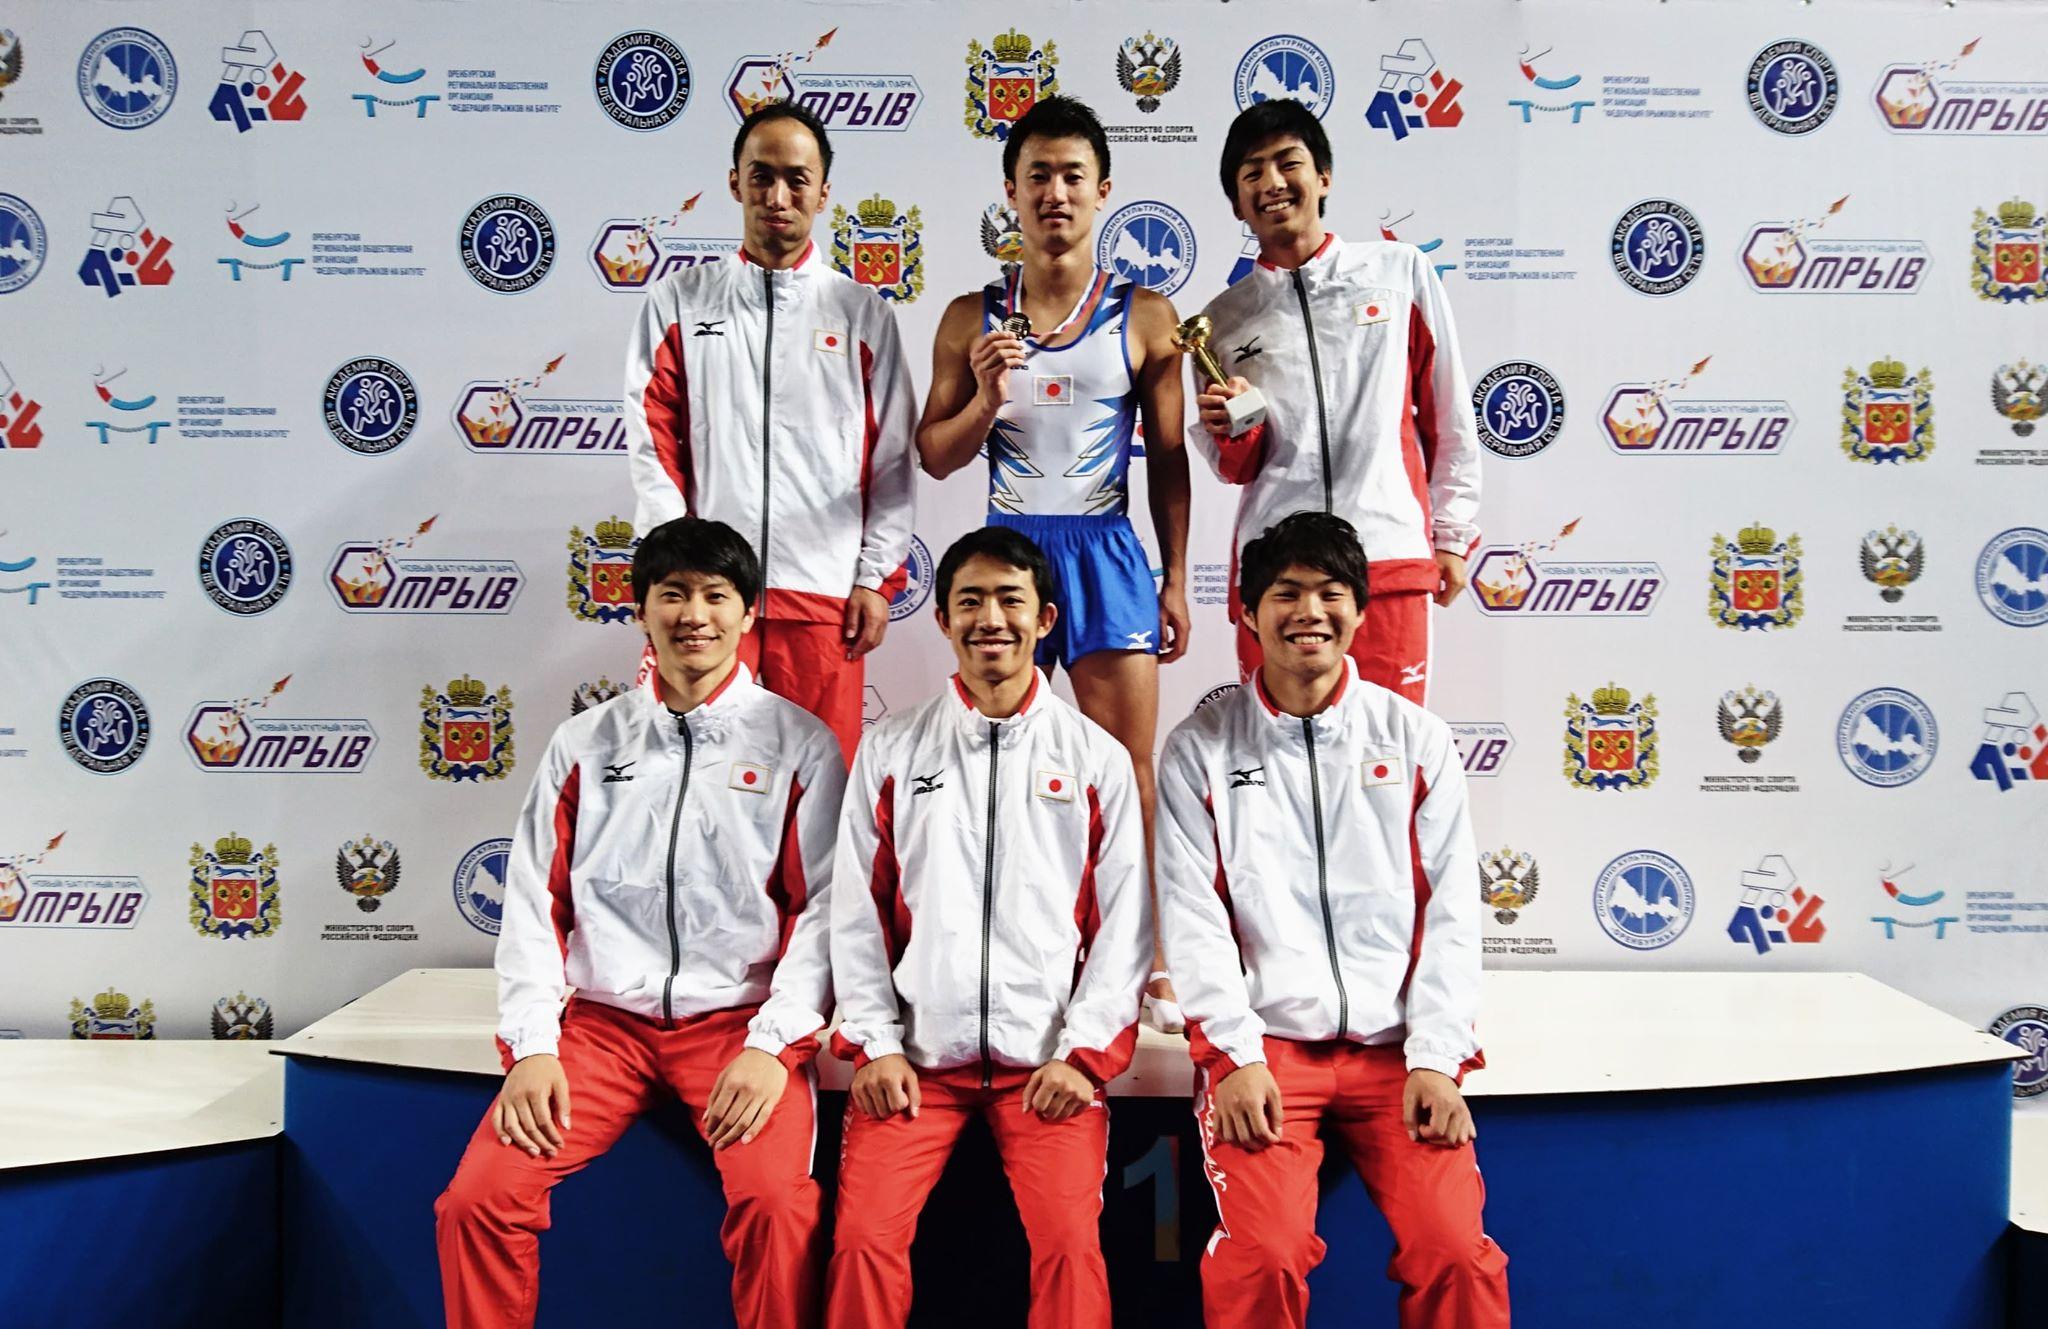 ロシア選手権で日本男子がメダル獲得